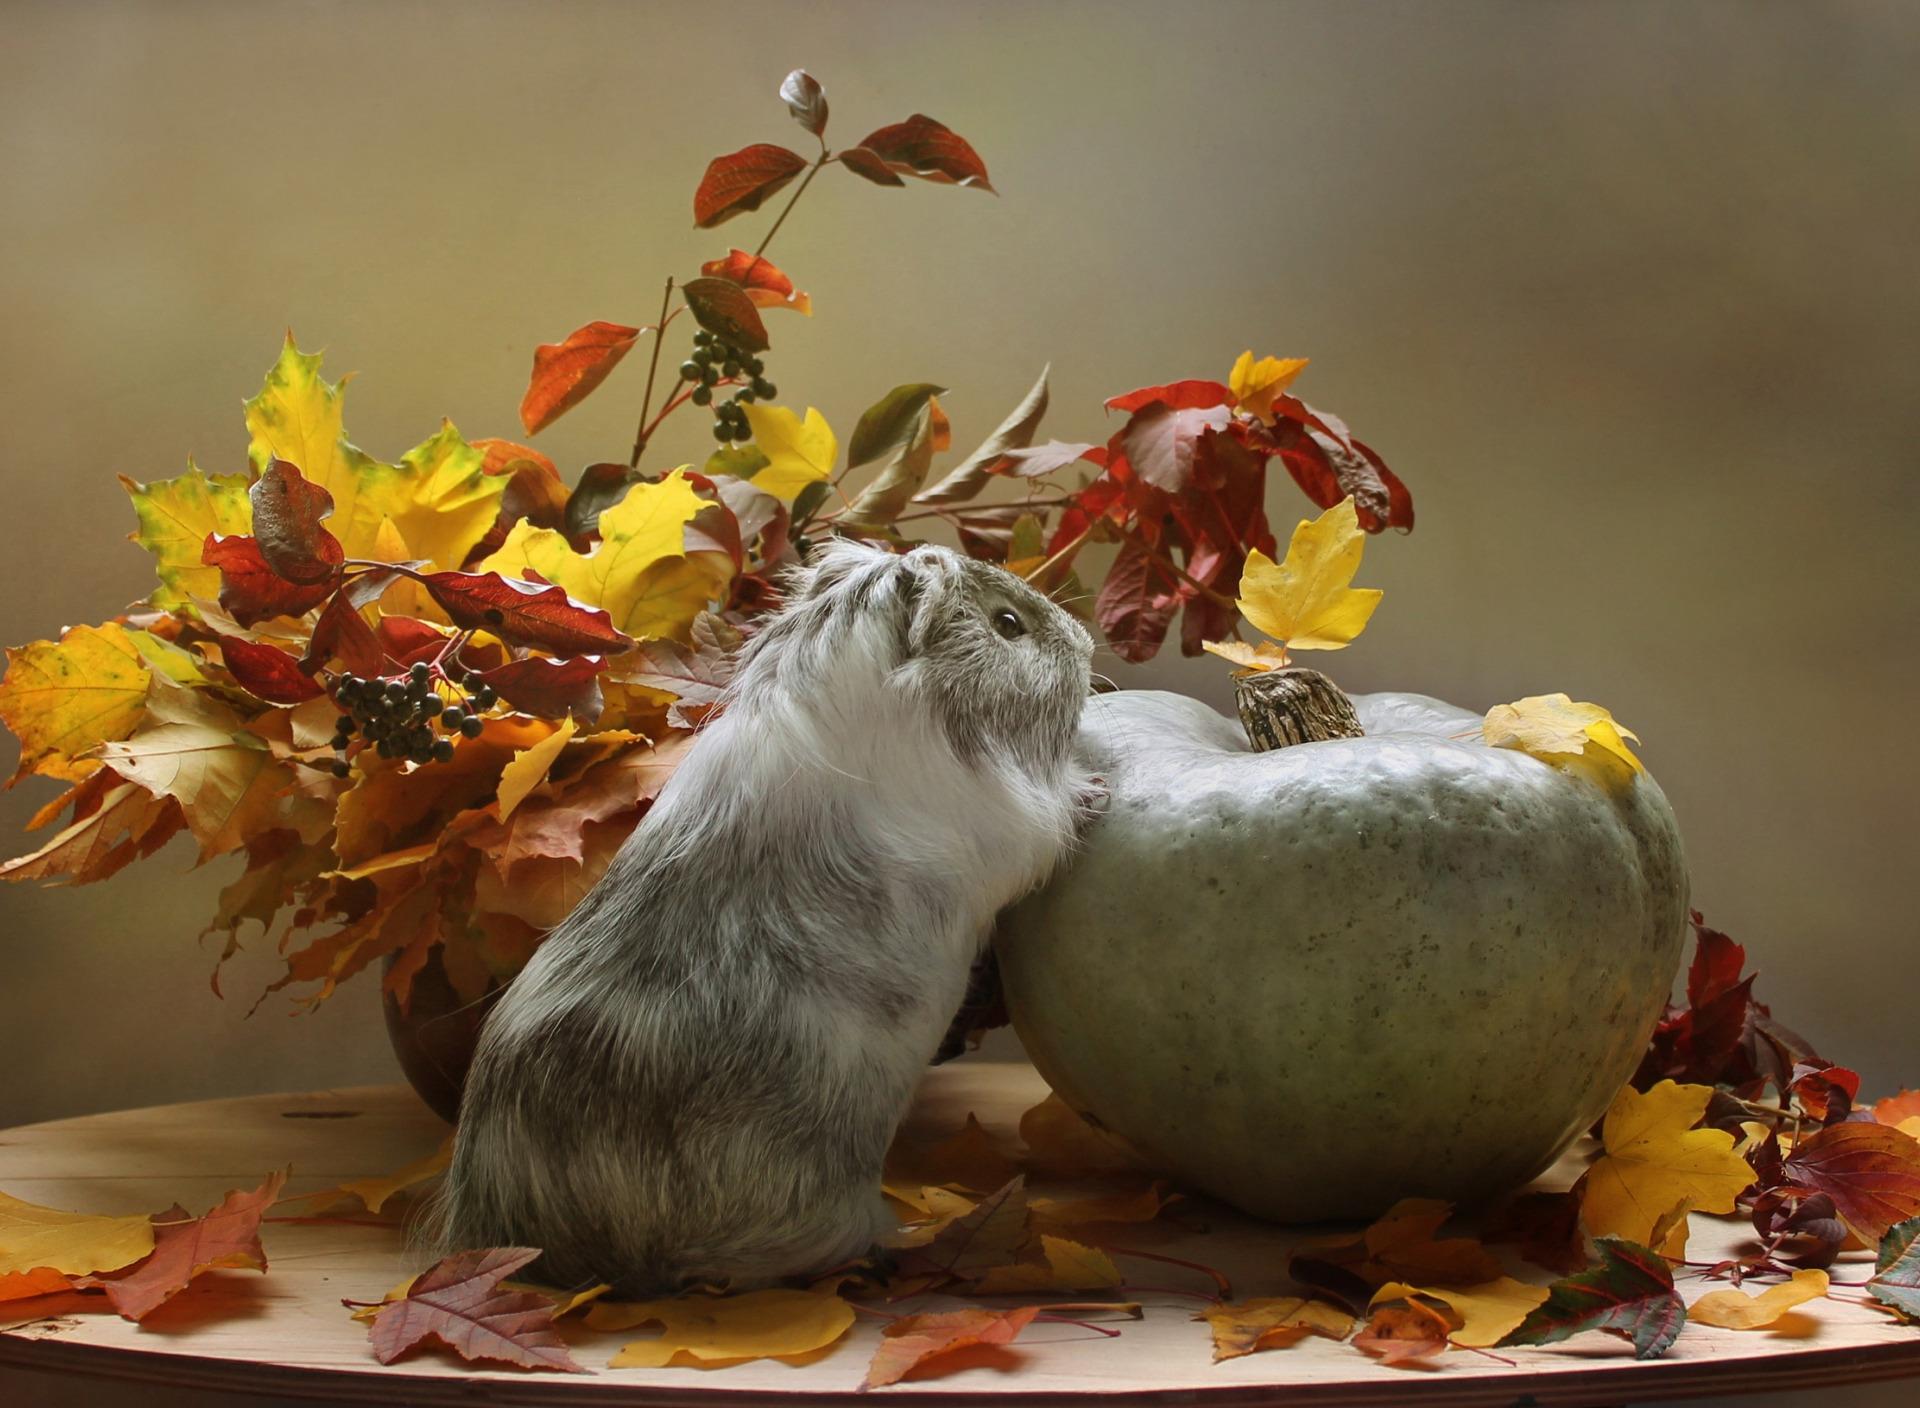 картинки про осень и животных тип видоискателя может